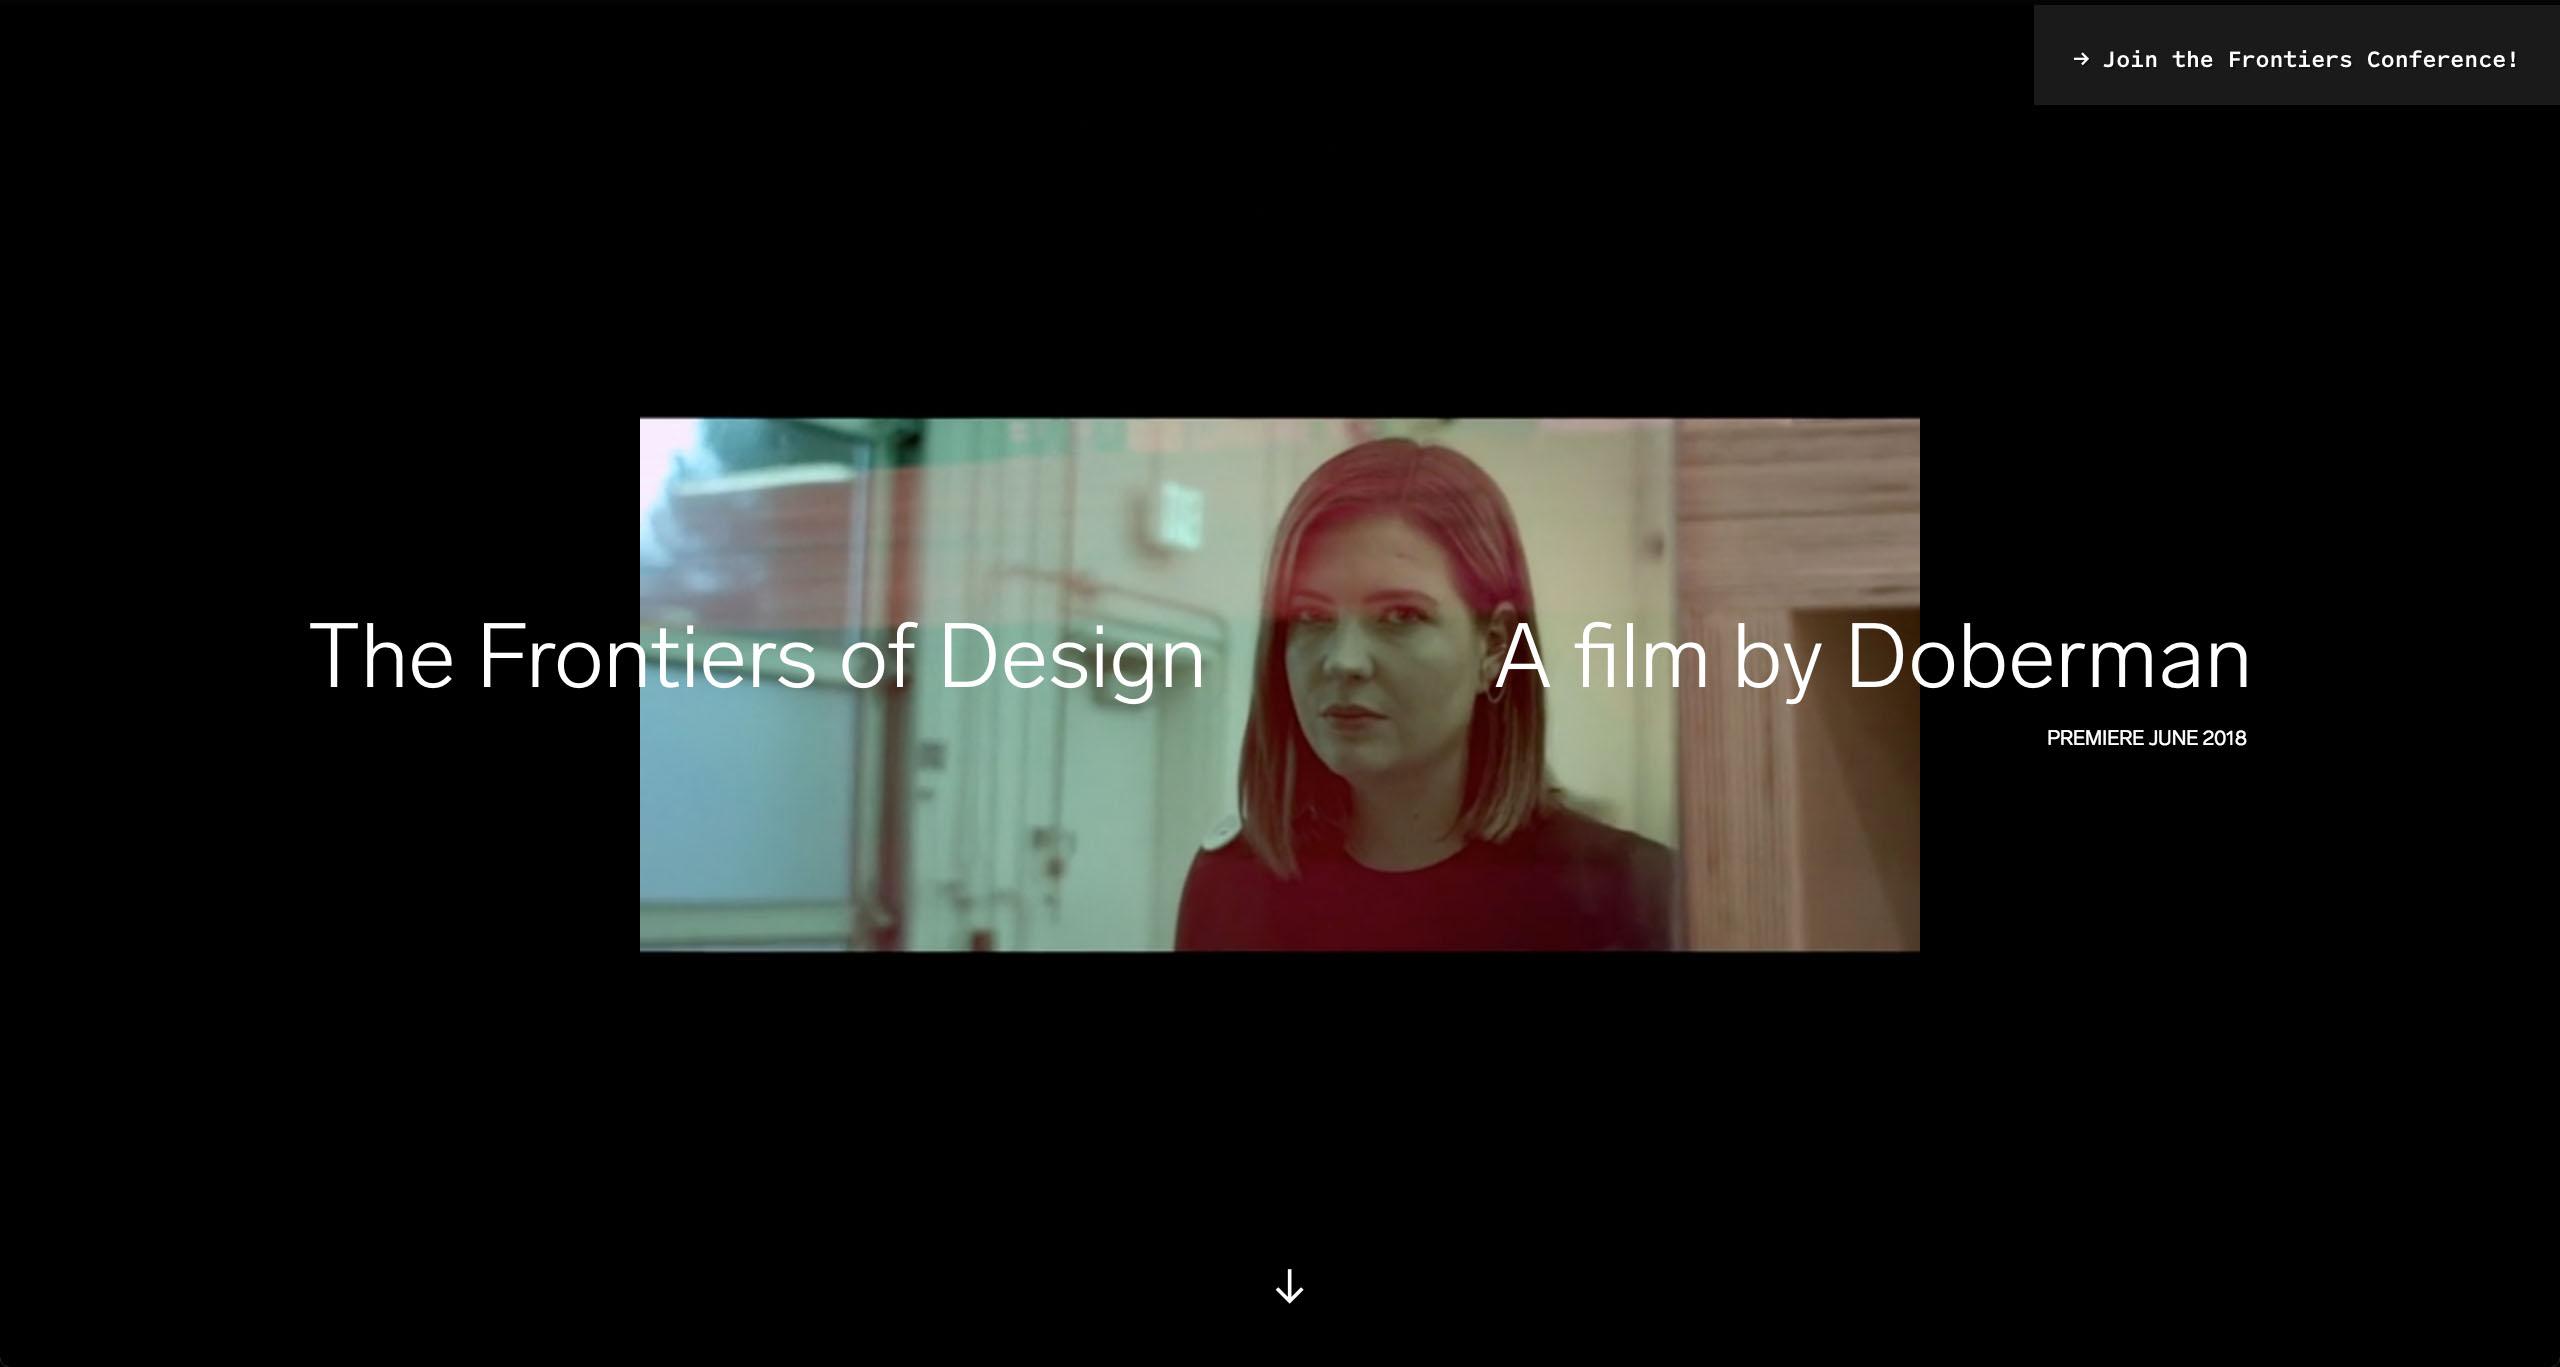 Frontiers of Design